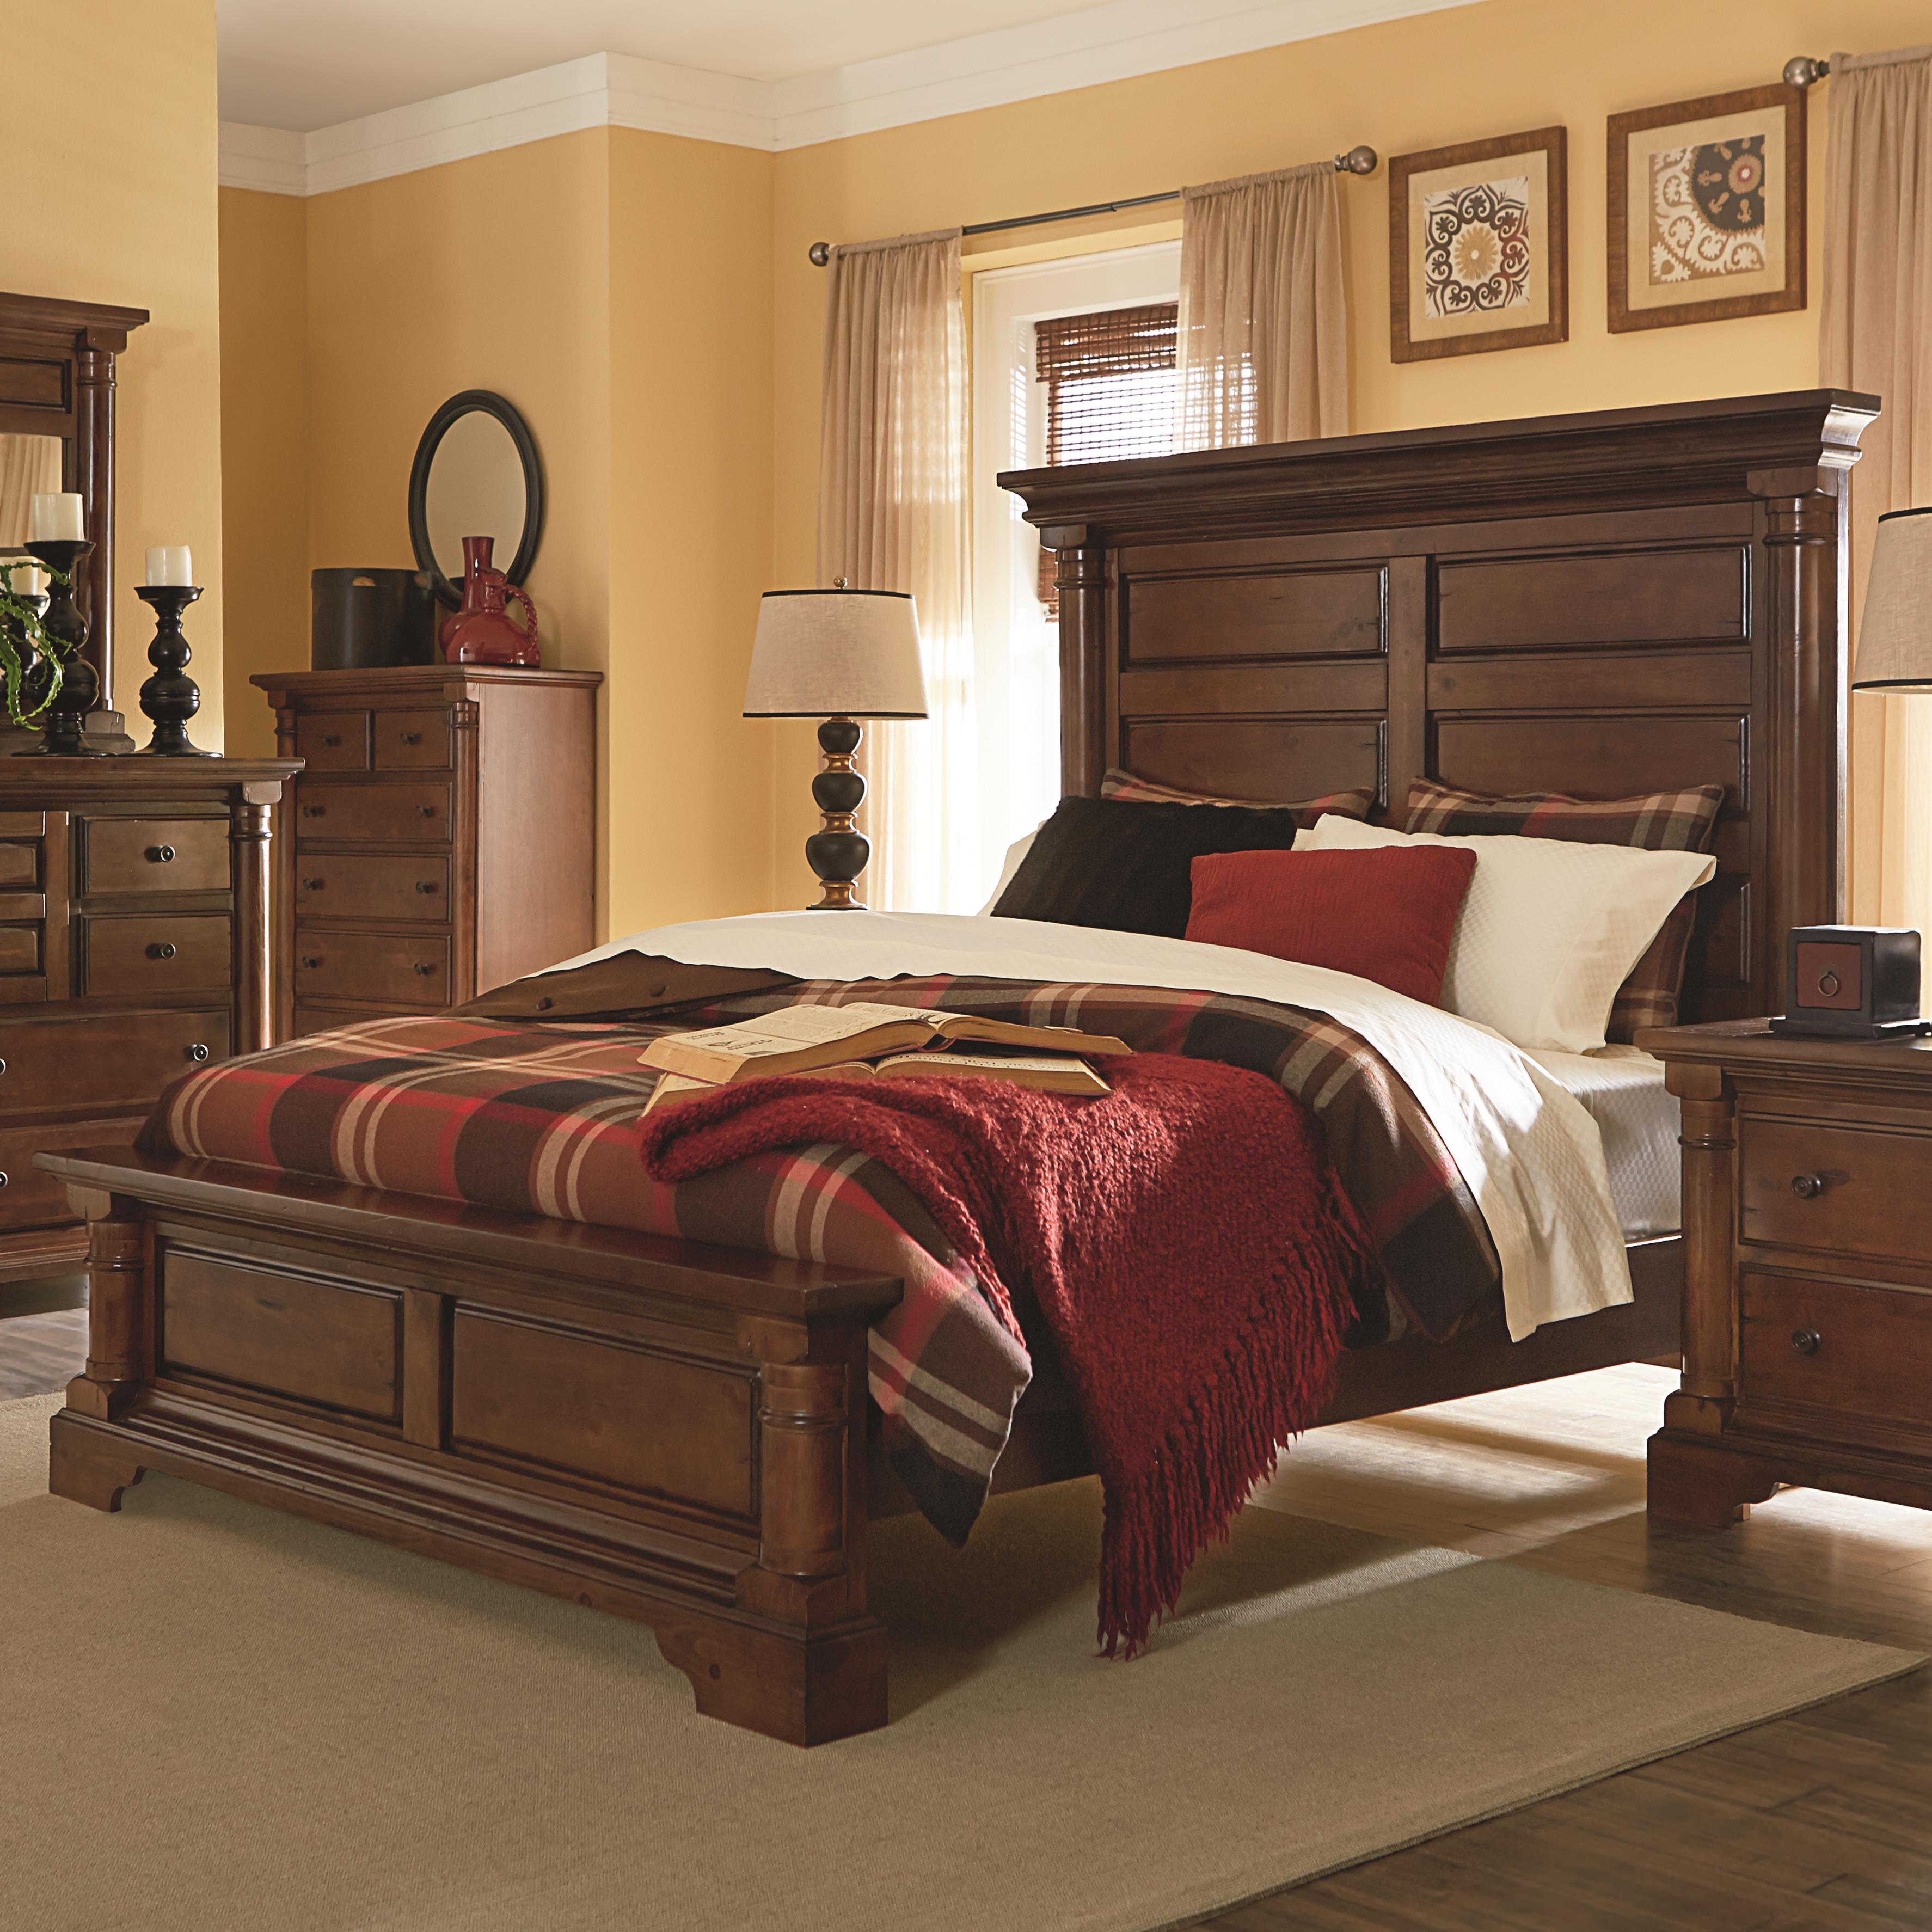 Progressive Furniture Gramercy Park King Panel Bed - Item Number: P660-94+97+78